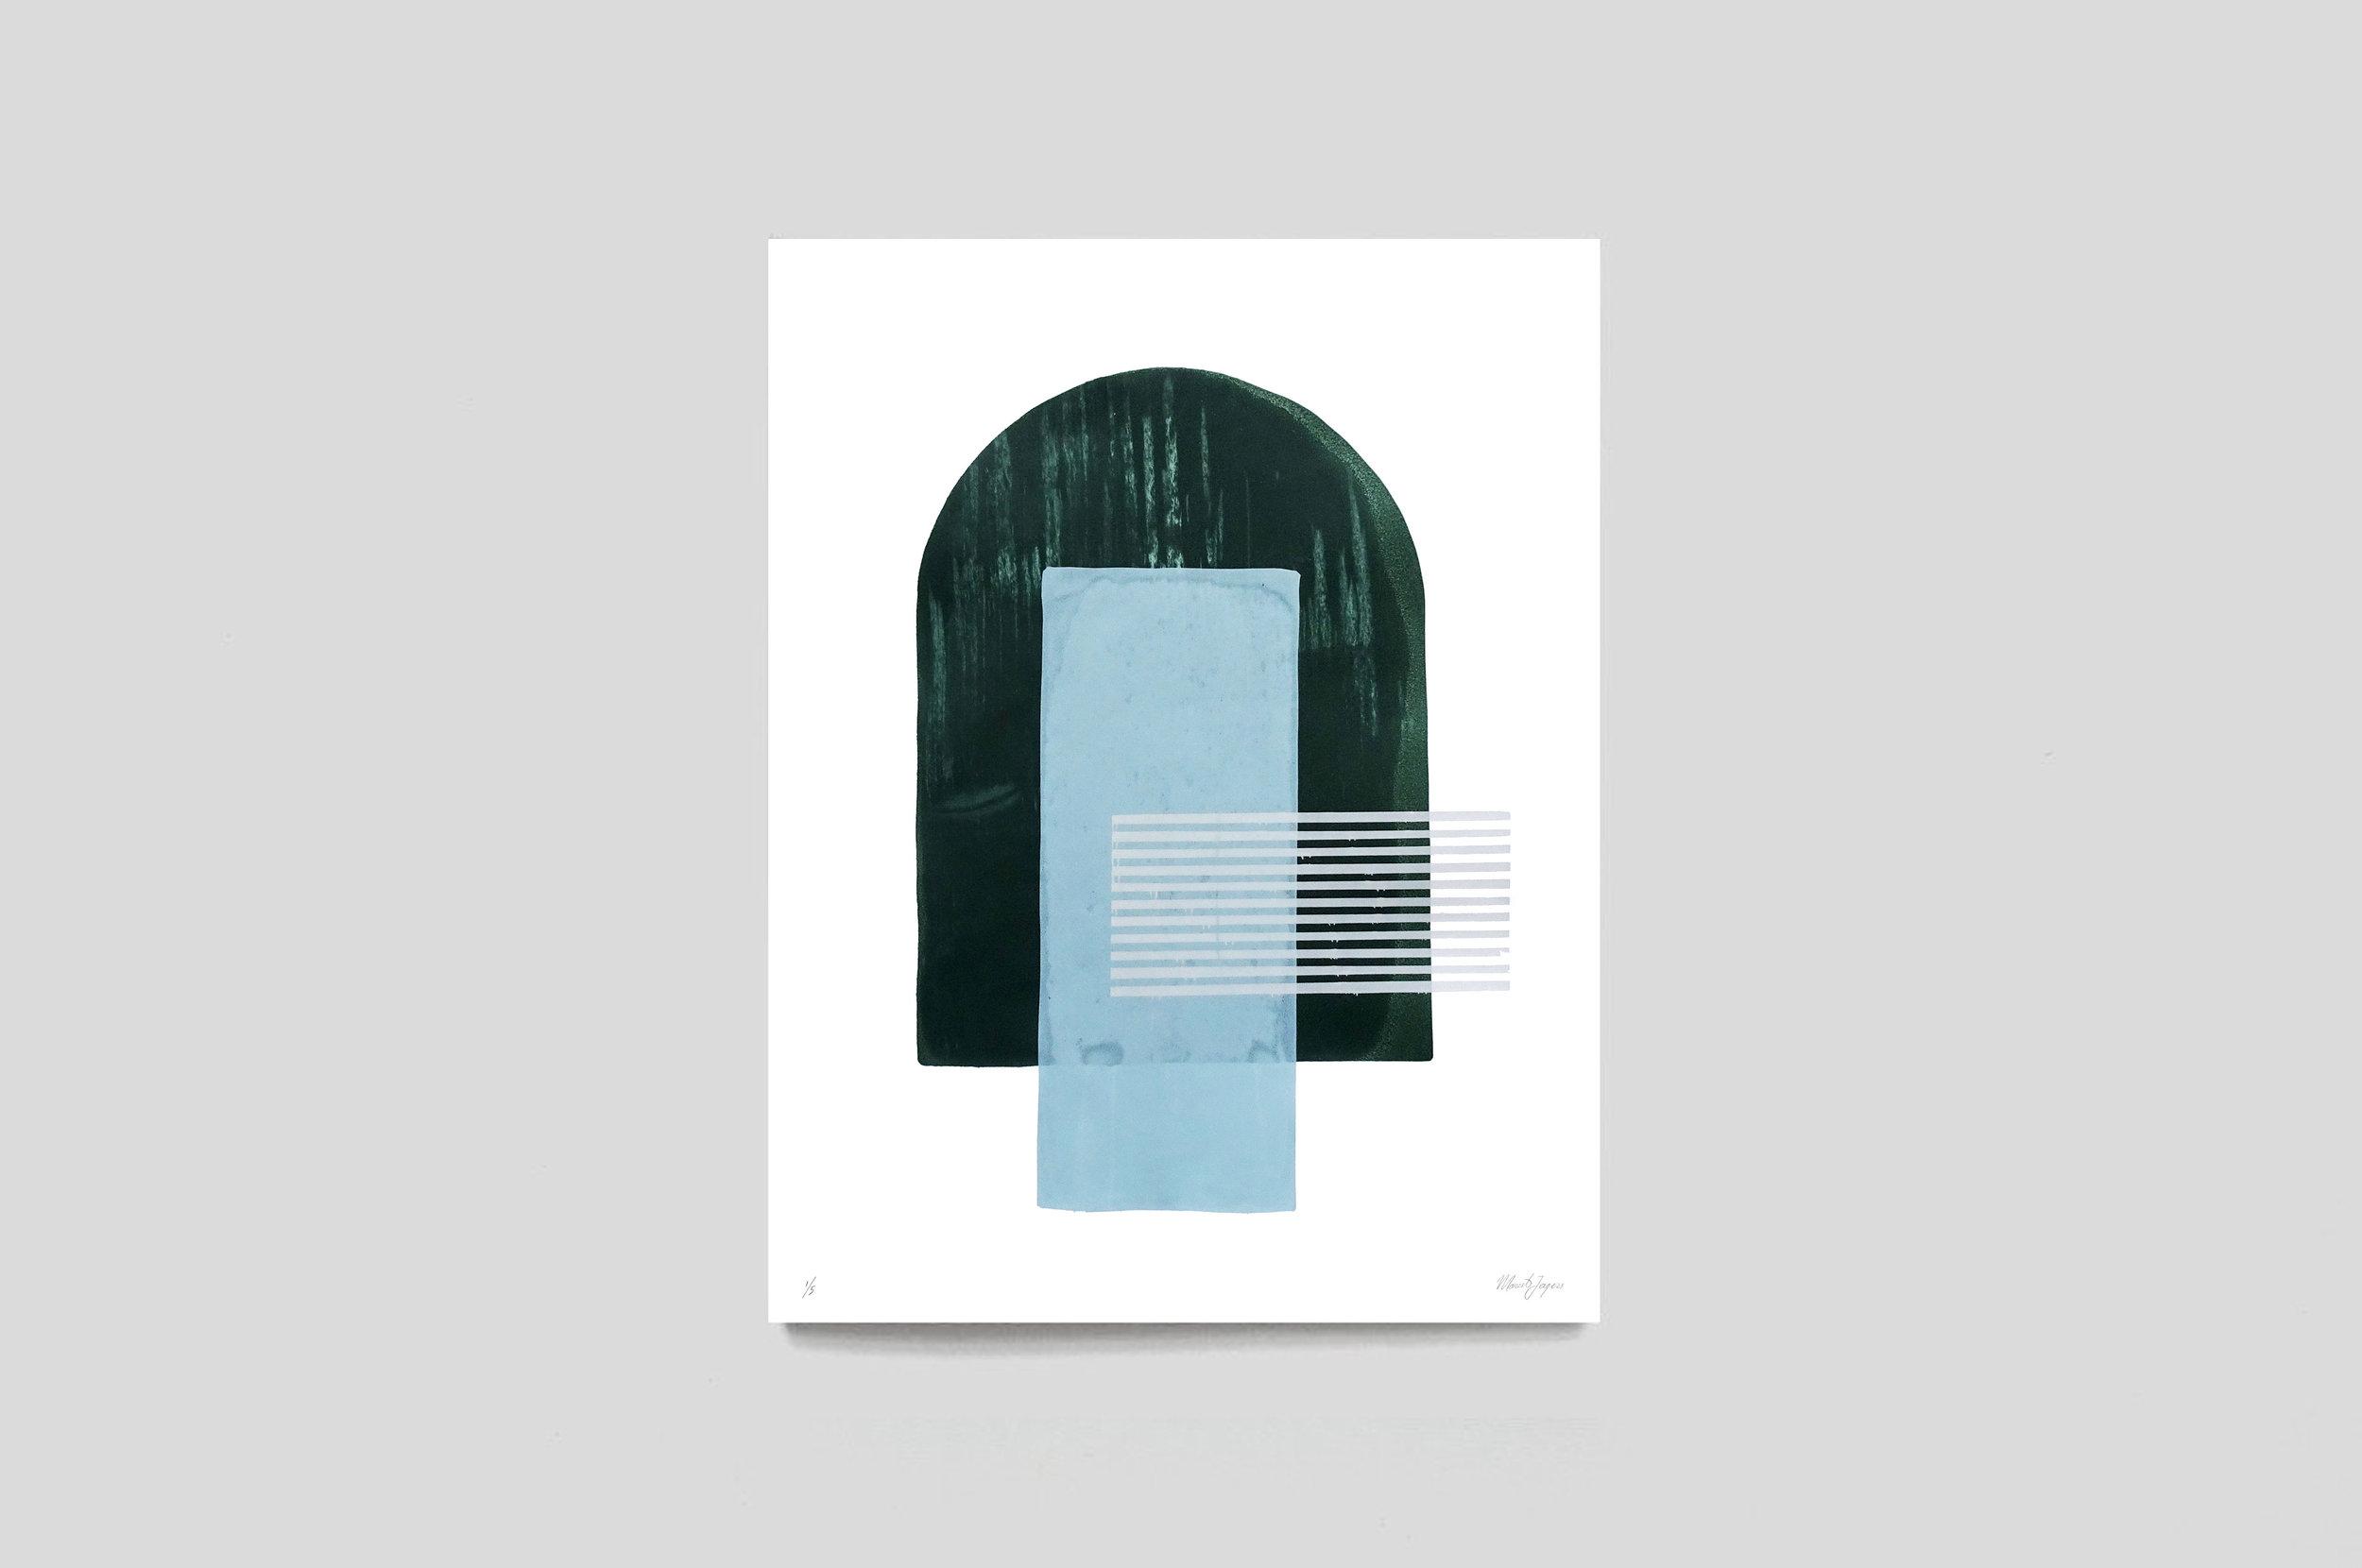 Poster_aan_muur_Marrit_Jagers_StudioJOA_zeefdruk_0017_18.jpg